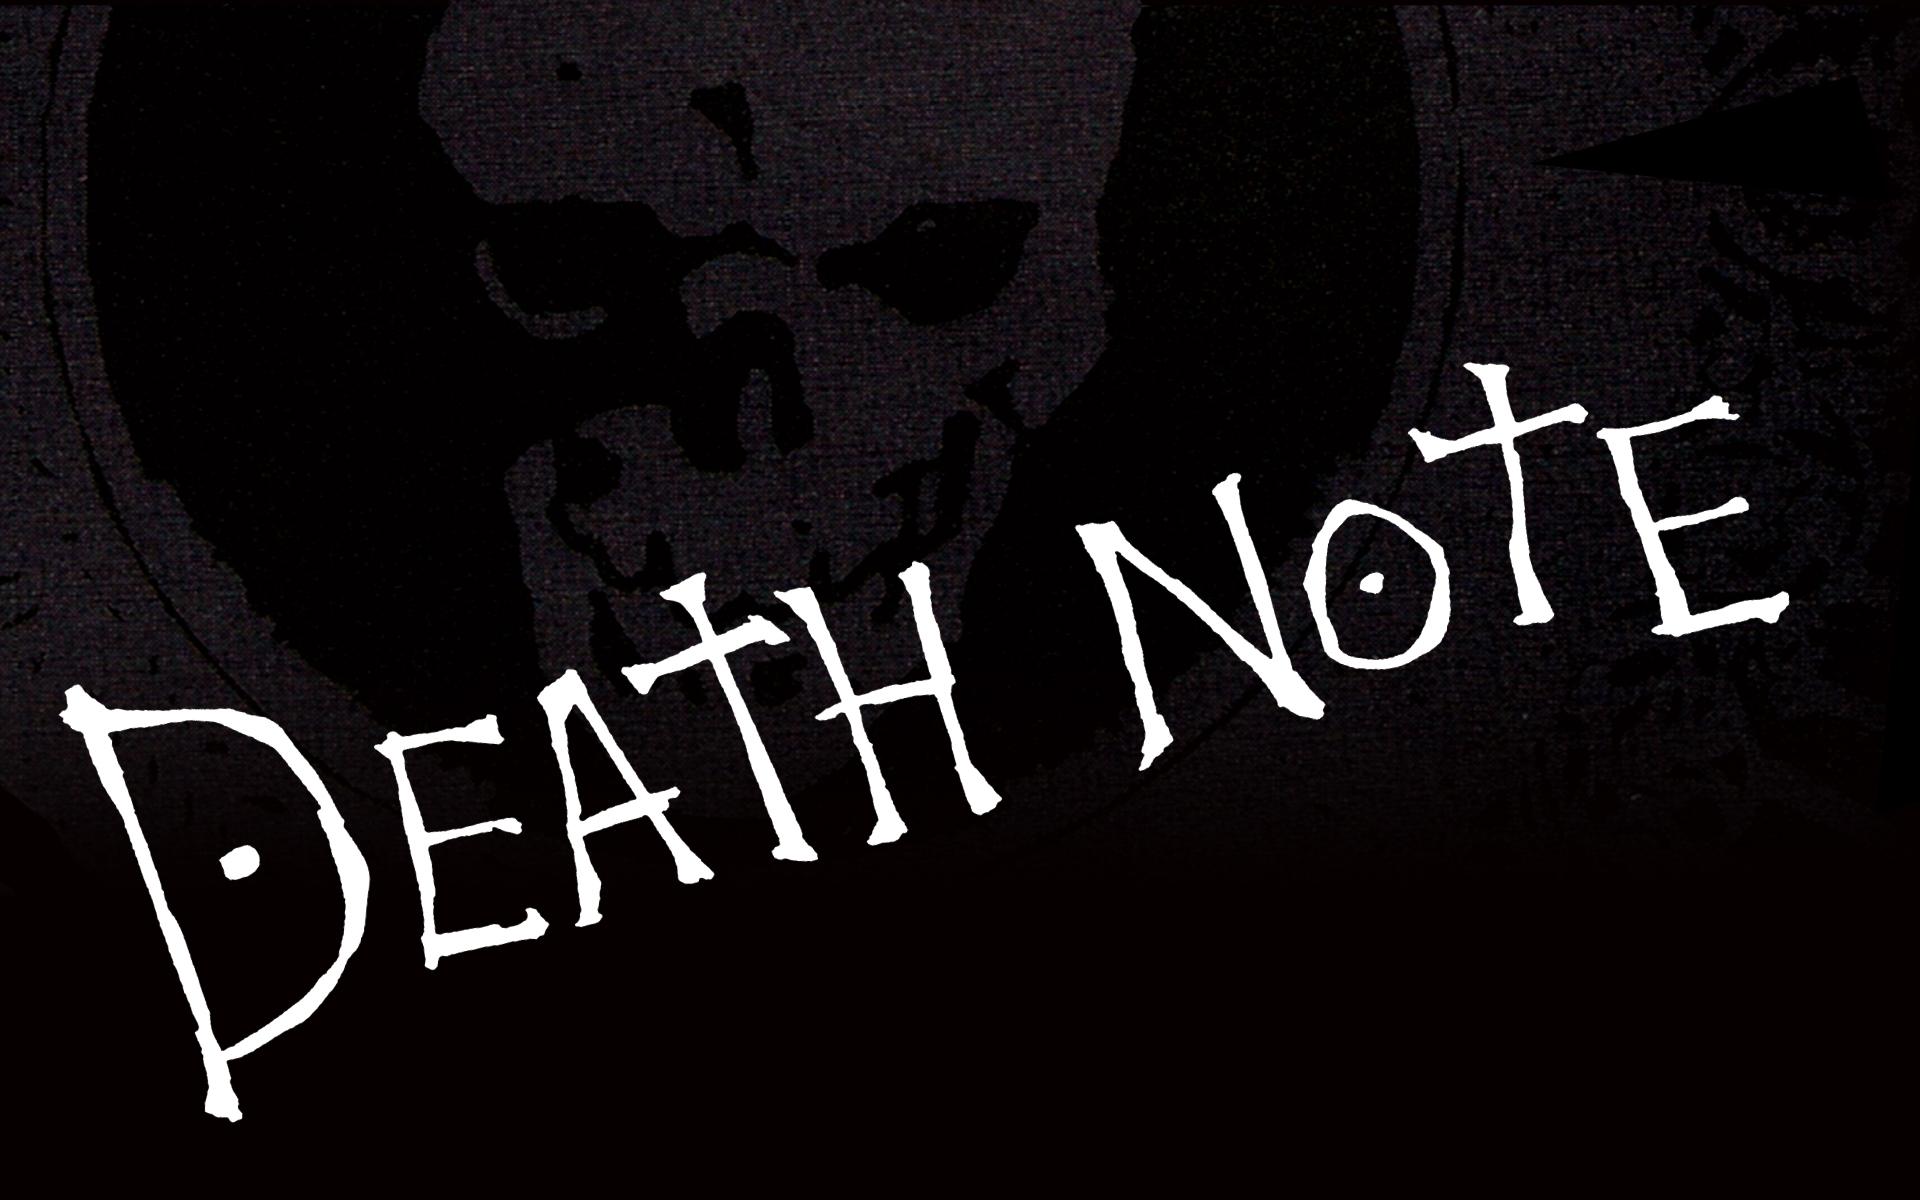 Картинки с надписями смертью